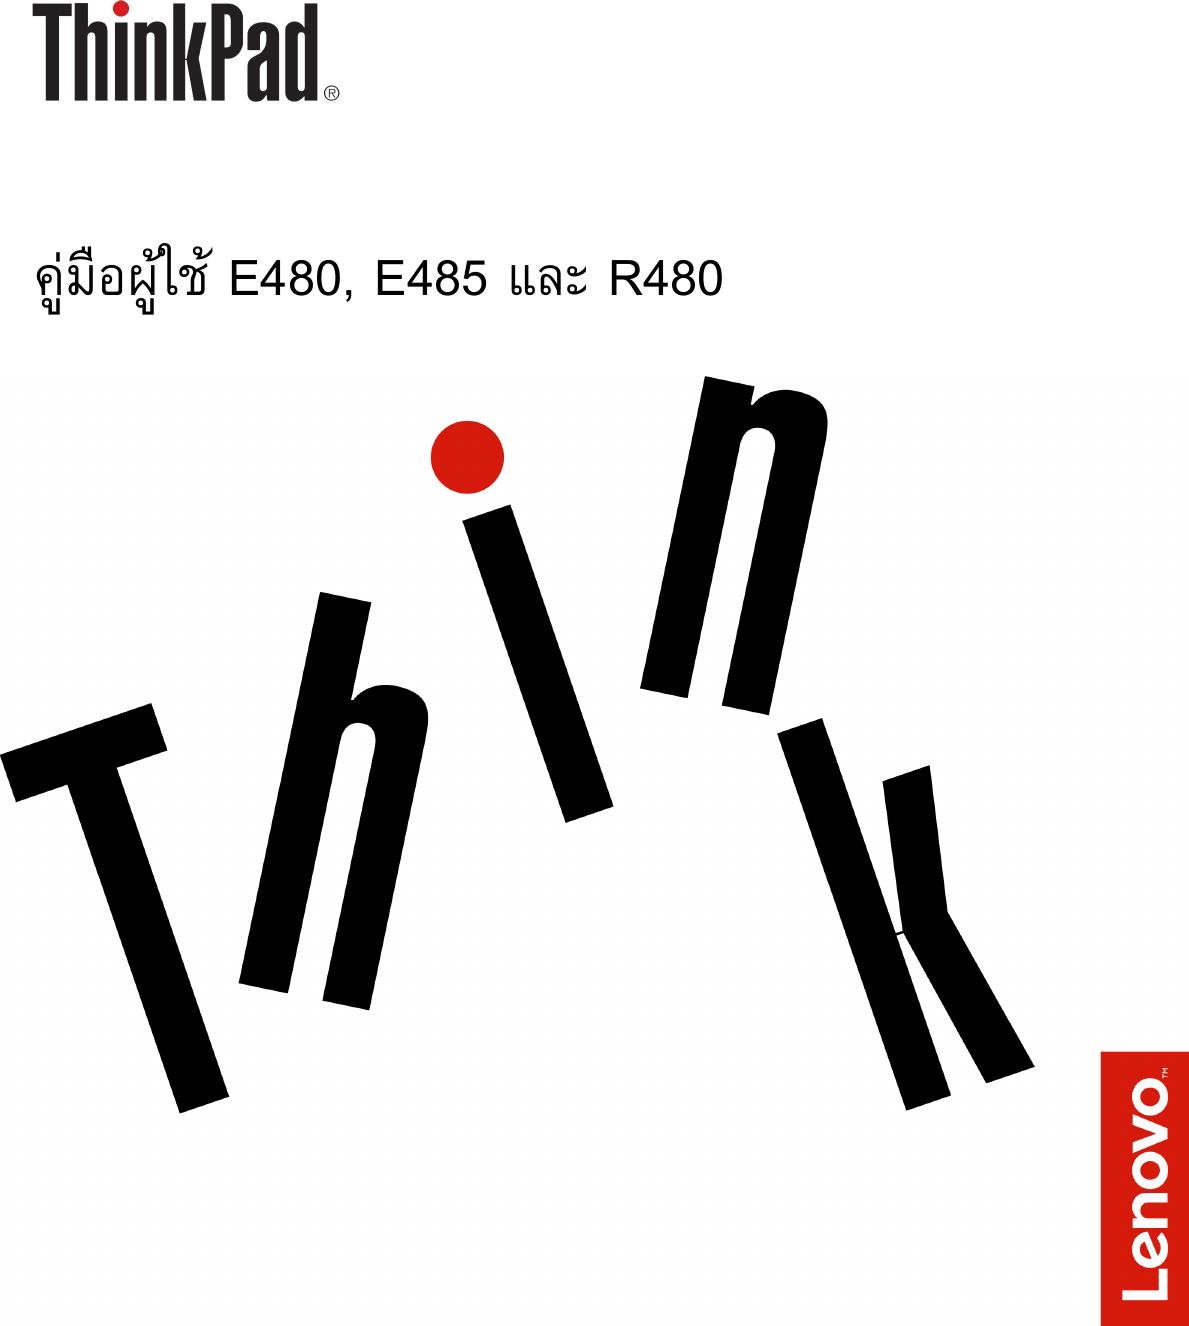 Lenovo (Thai) User Guide Think Pad E480,E485 And R480 E480